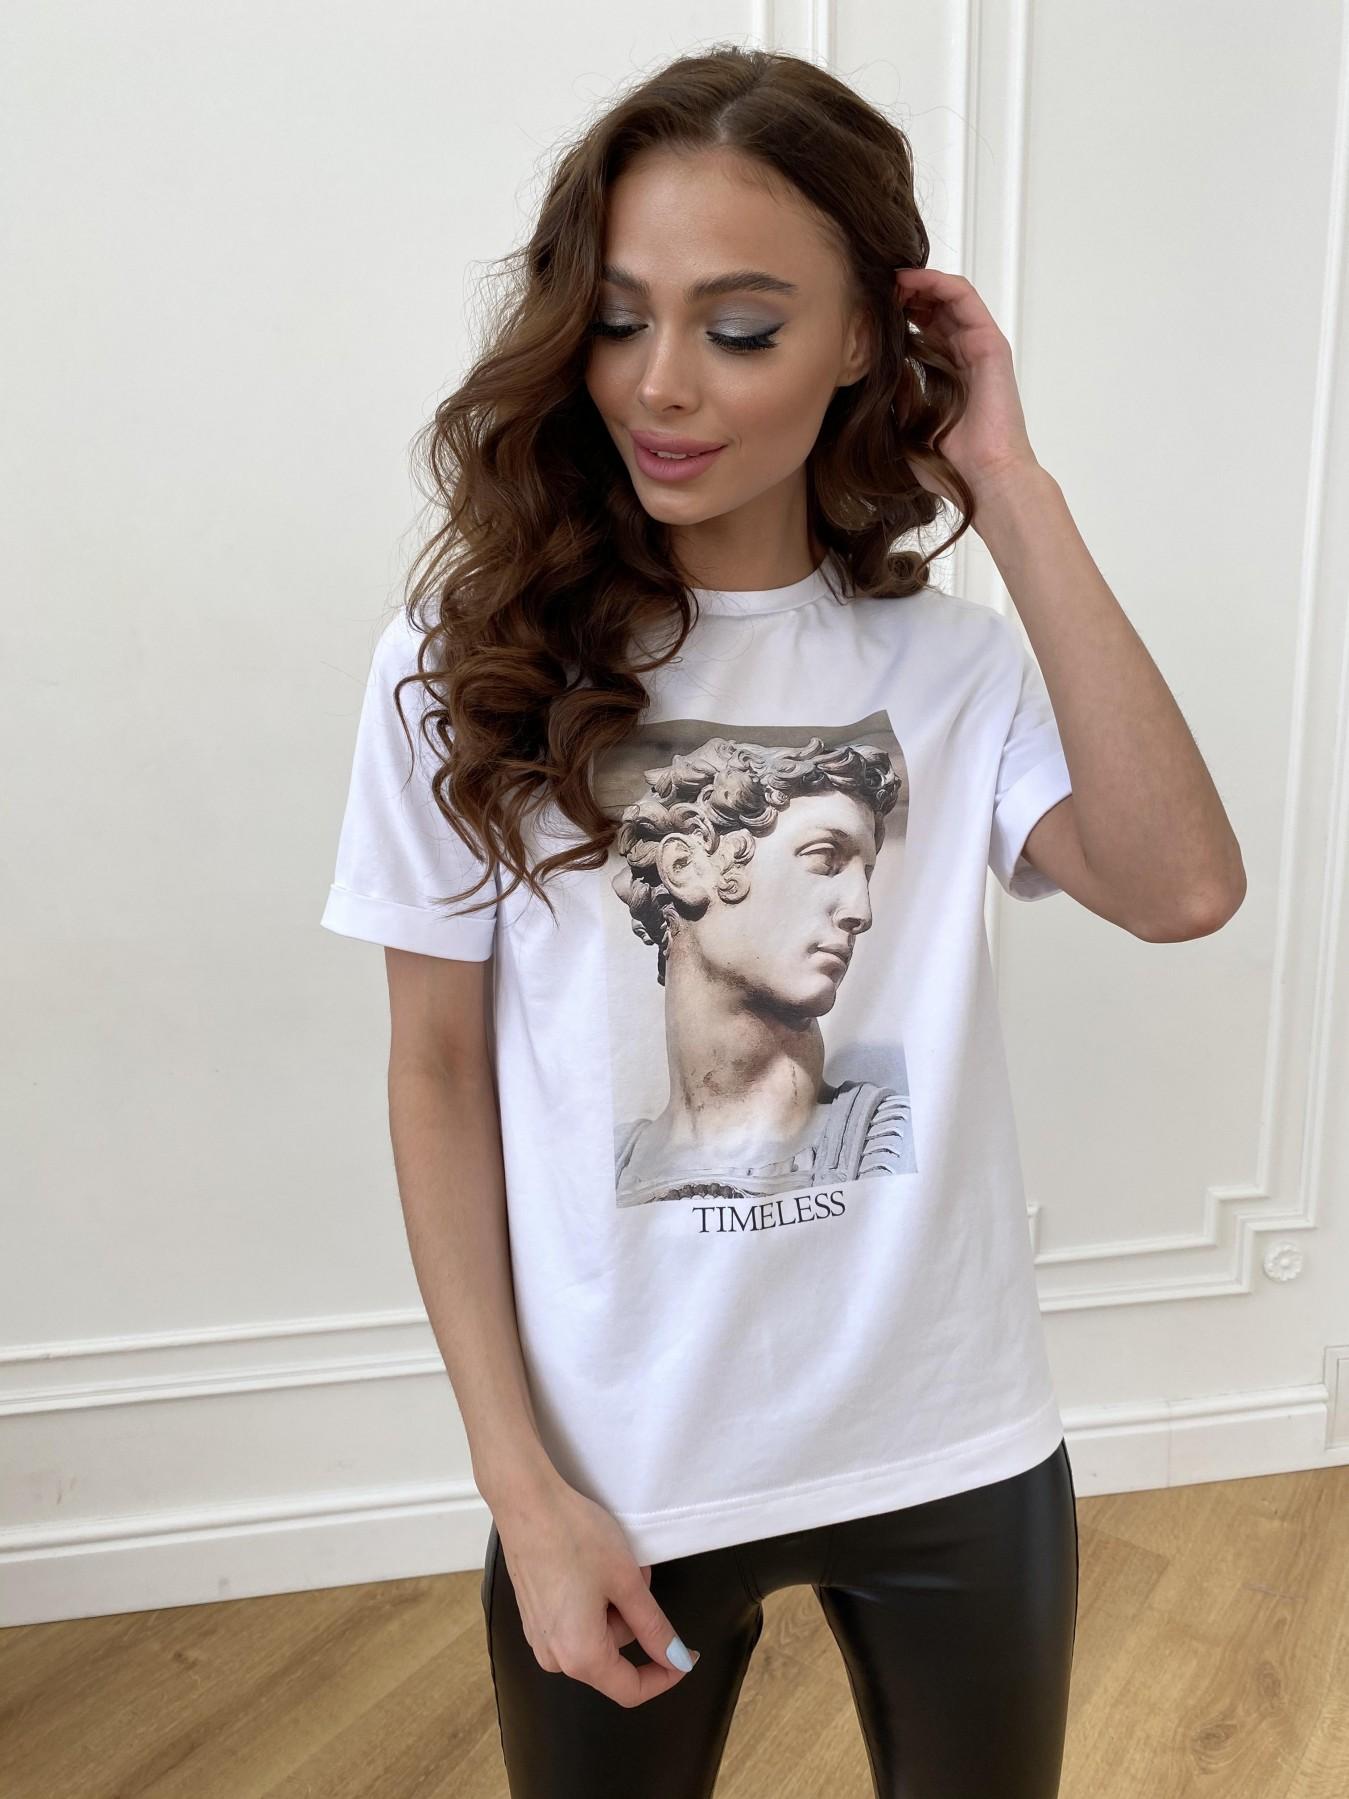 Давид вискоза однотонная стрейч хлопок футболка 11175 АРТ. 47663 Цвет: Белый - фото 4, интернет магазин tm-modus.ru